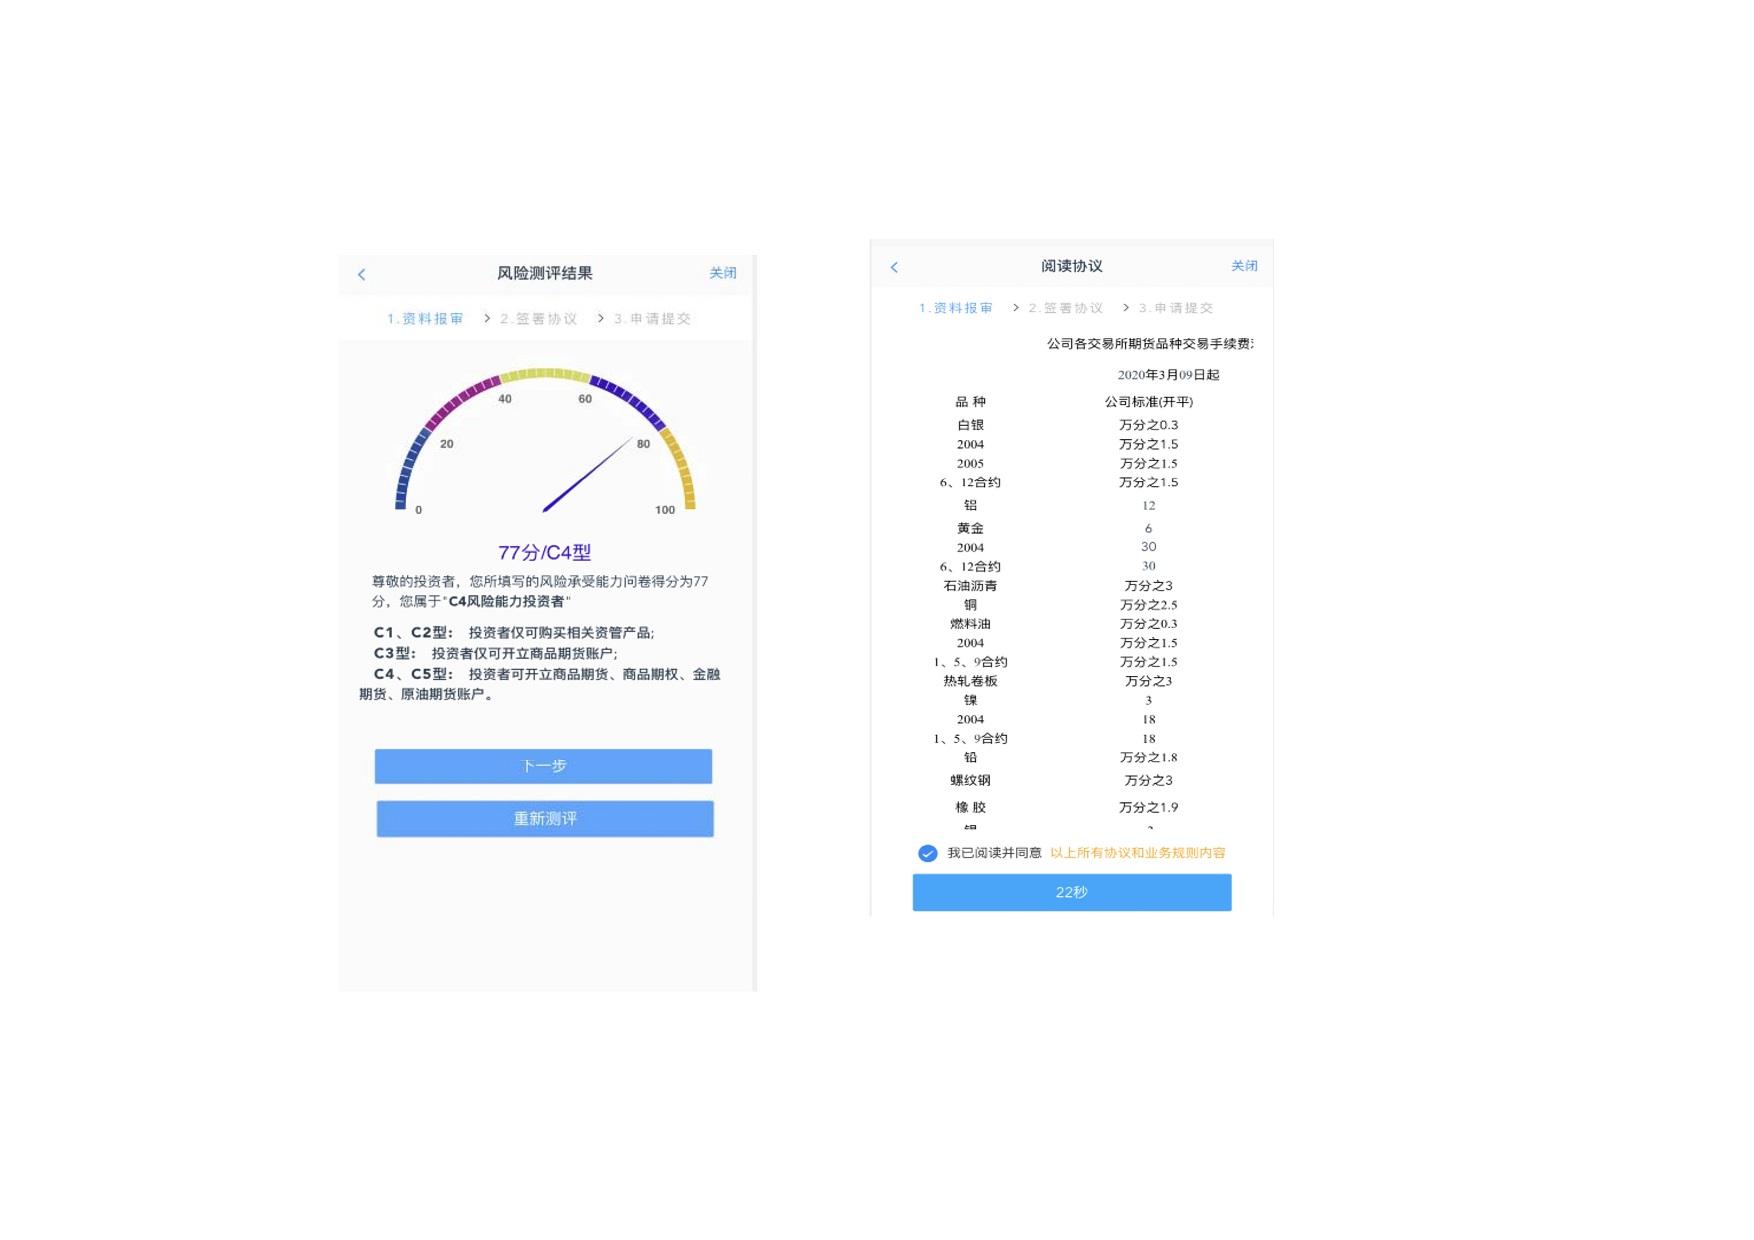 商品期货开户流程_Page11.jpg